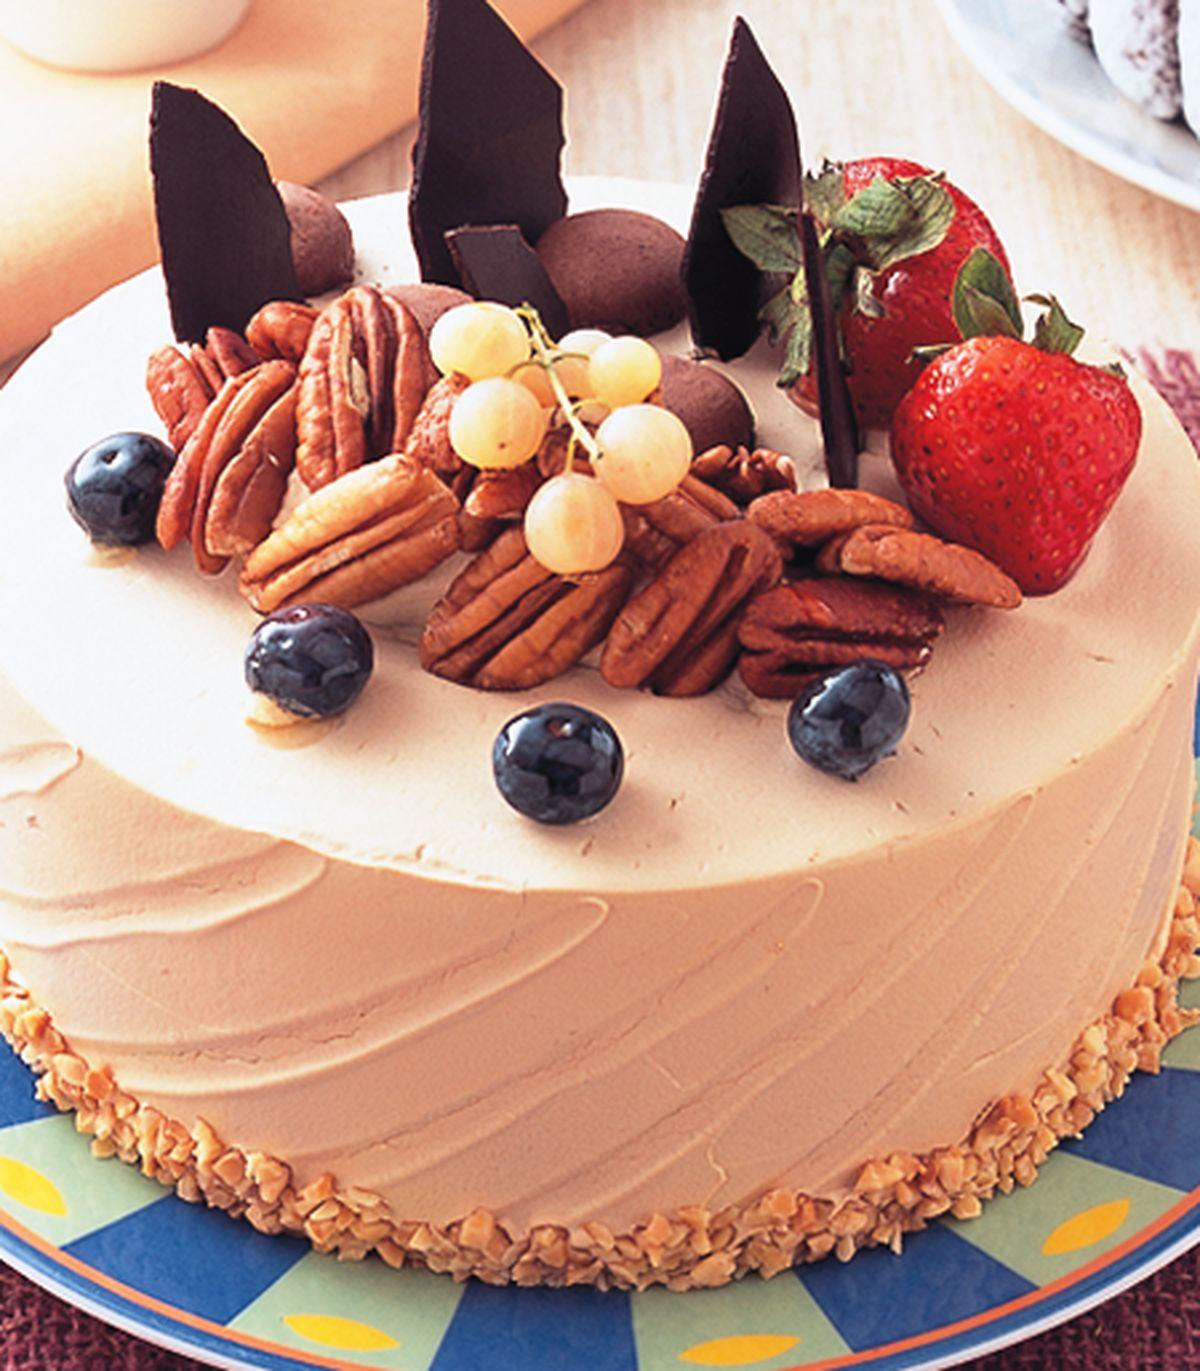 食譜:摩卡丁都拉圖蛋糕